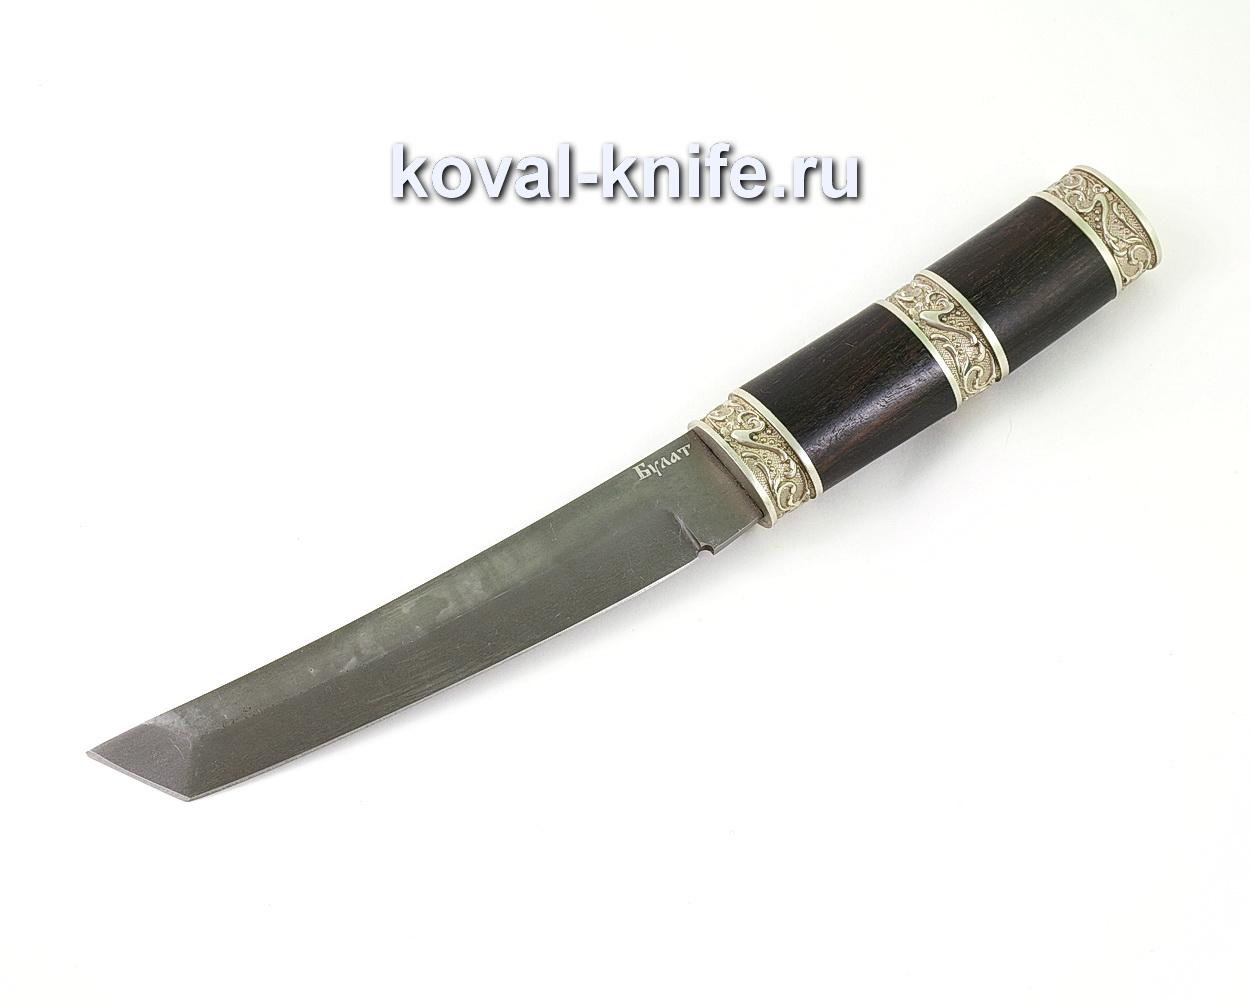 Нож из булатной стали Танто (Легированный булат, рукоять граб, литье мельхиор) A457